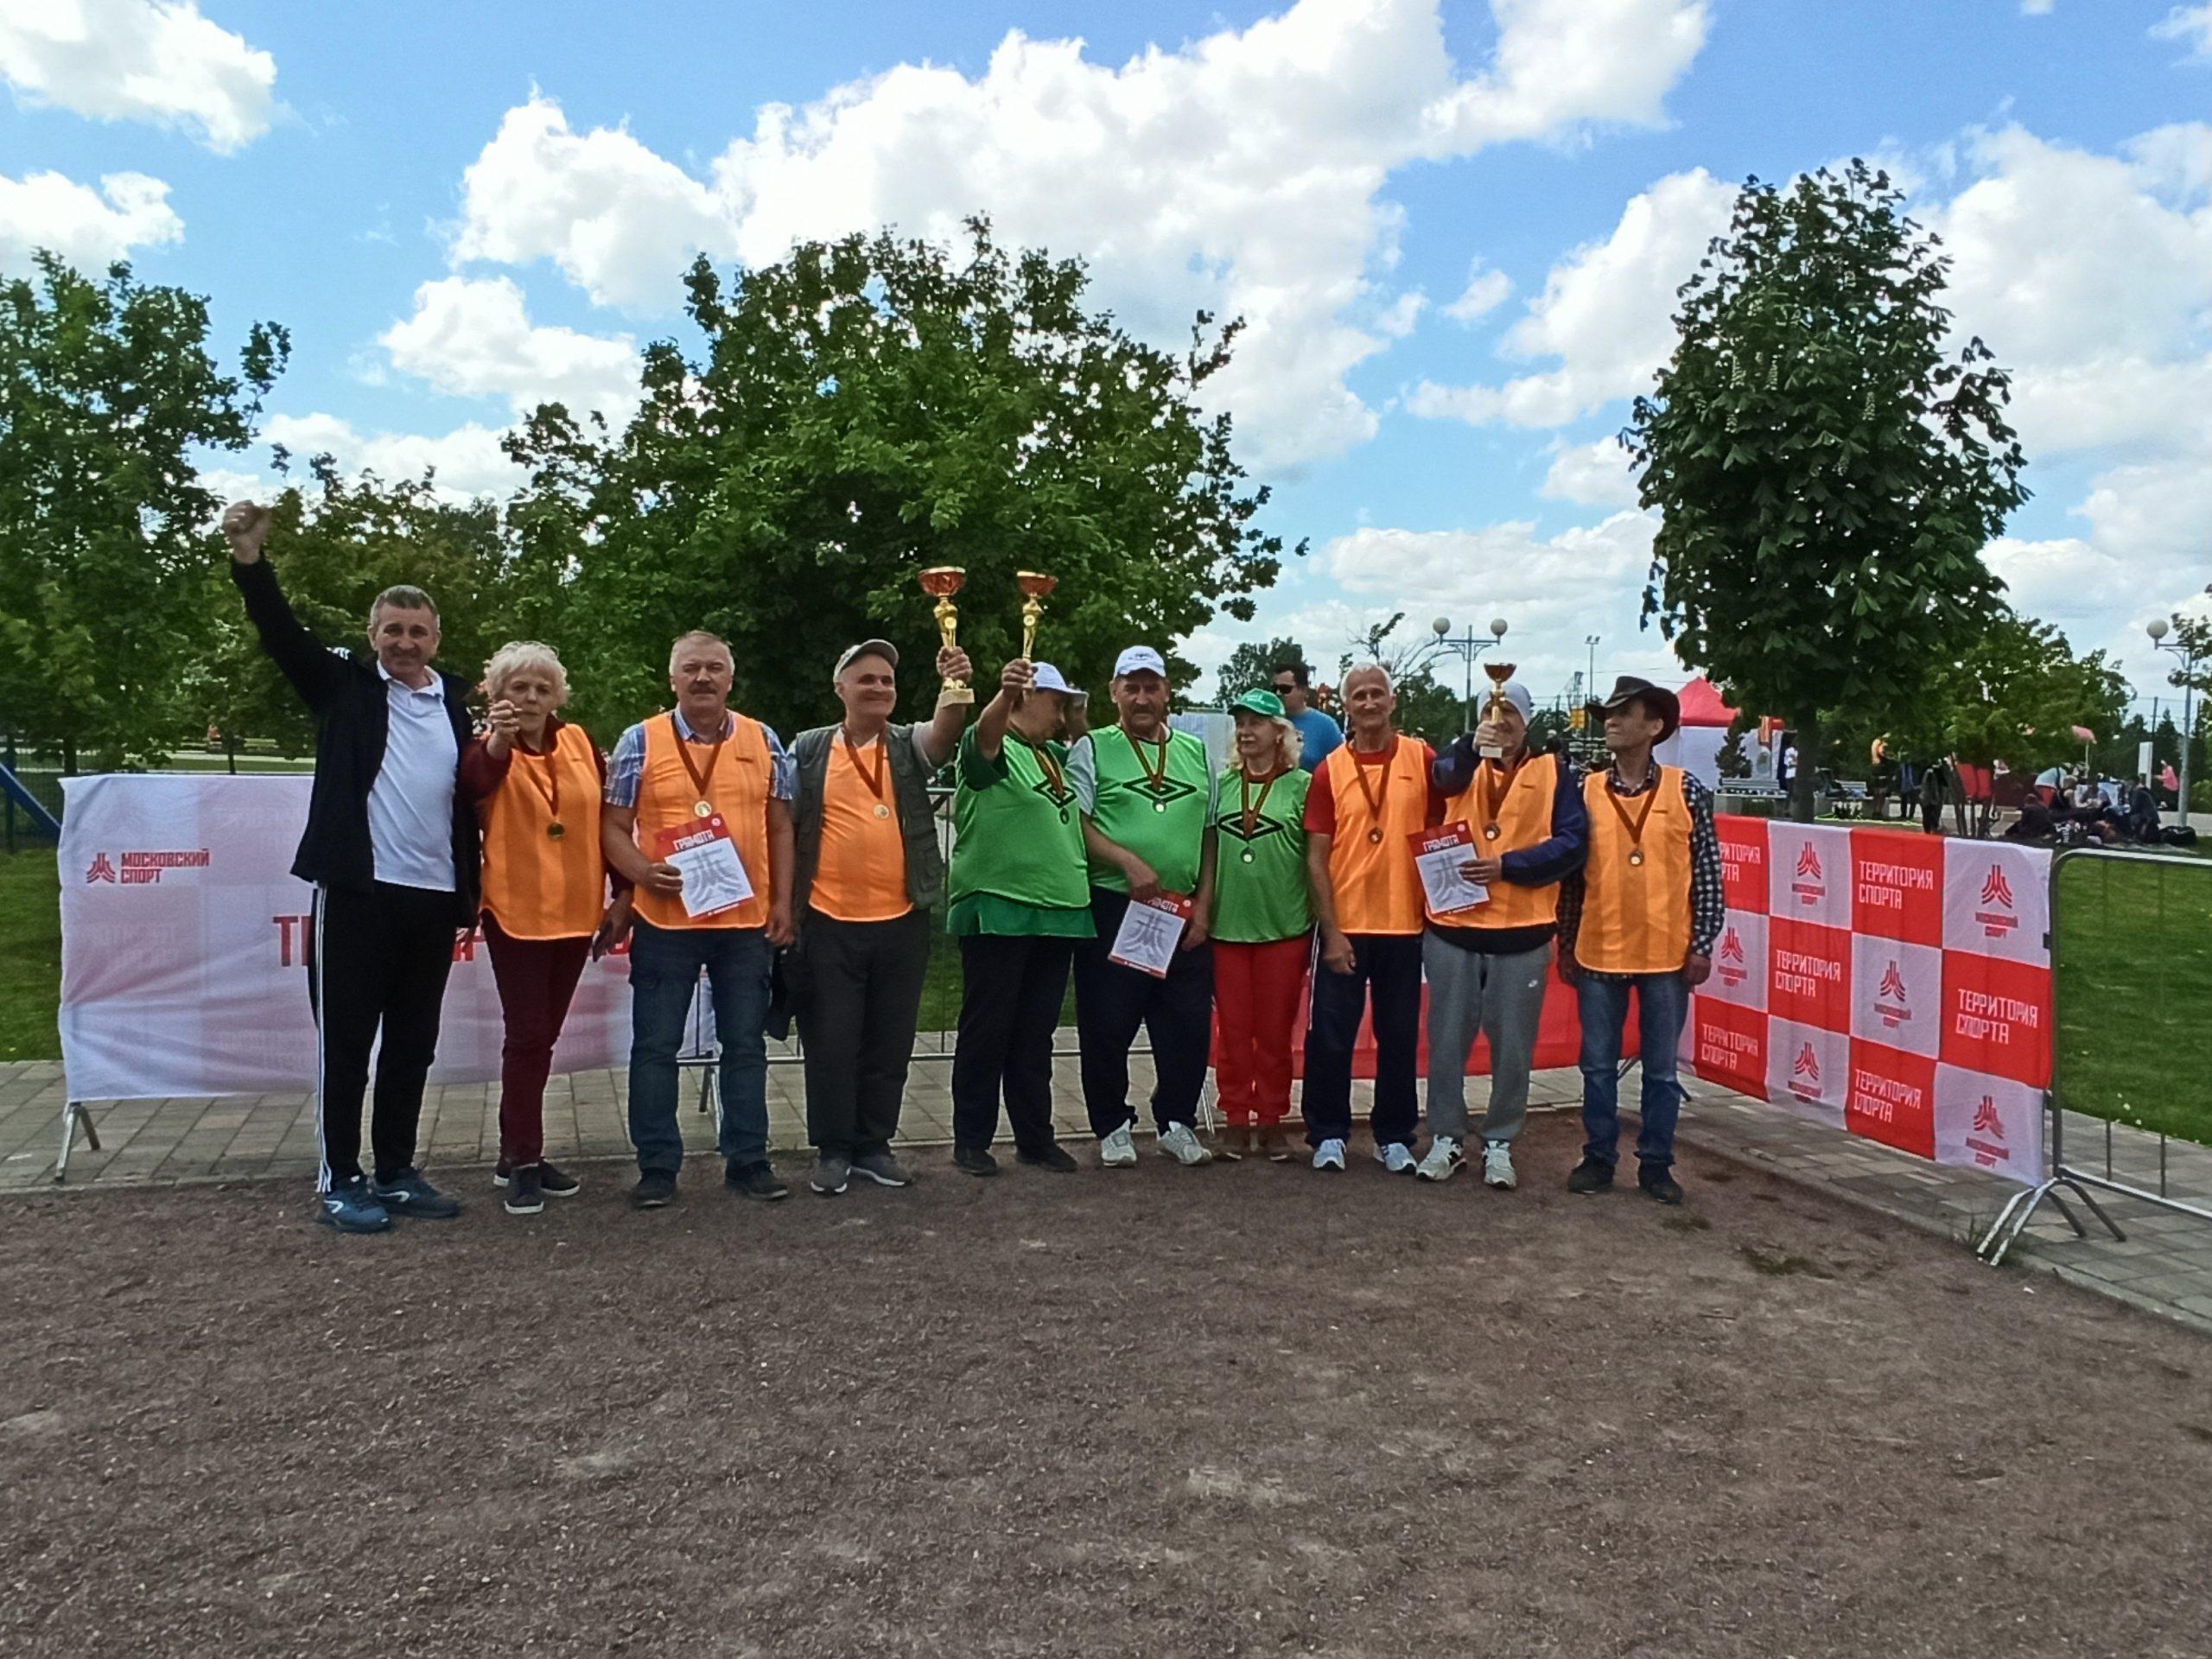 Команды из поселения Михайлово-Ярцевское стали участниками спортивного праздника